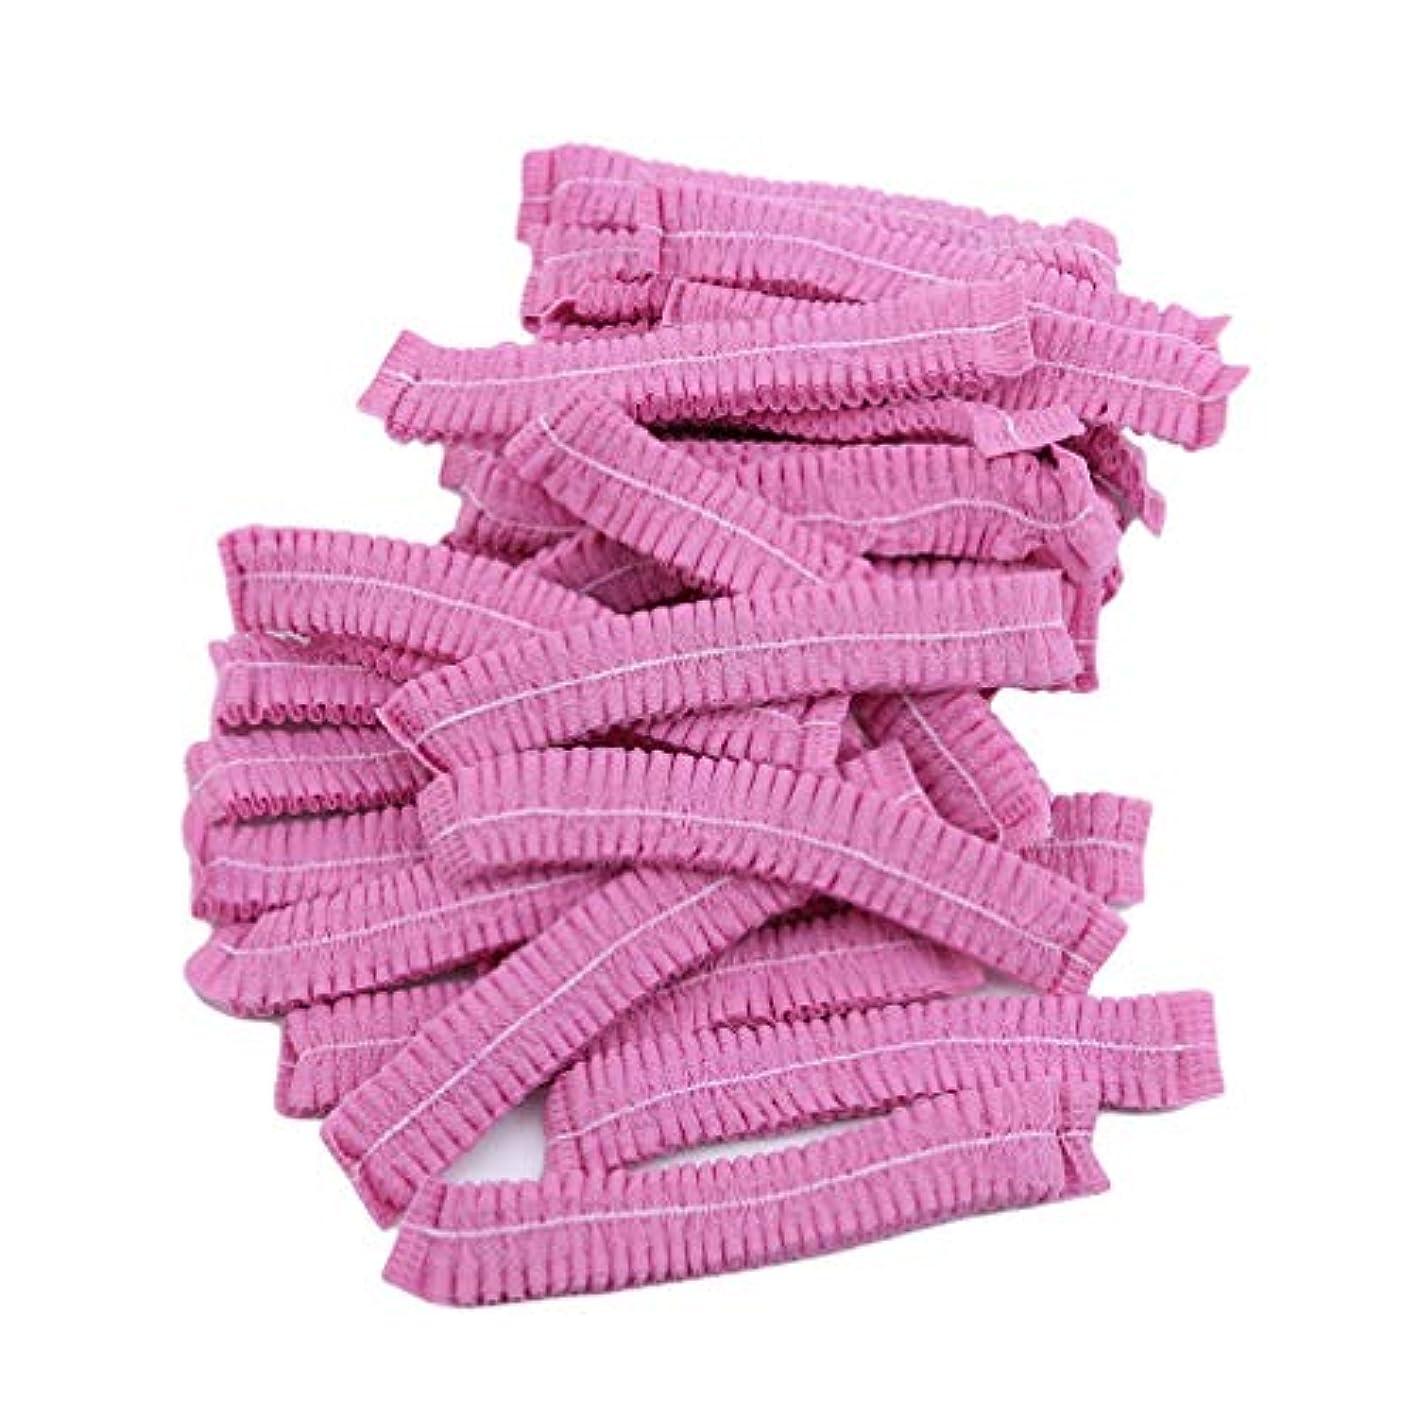 ヒギンズ脆い公式LJSLYJ 100ピースマイクロブレードパーマネントメイクアップ使い捨てヘアネットキャップ滅菌帽子眉毛スタイリングツールアクセサリー、ピンク